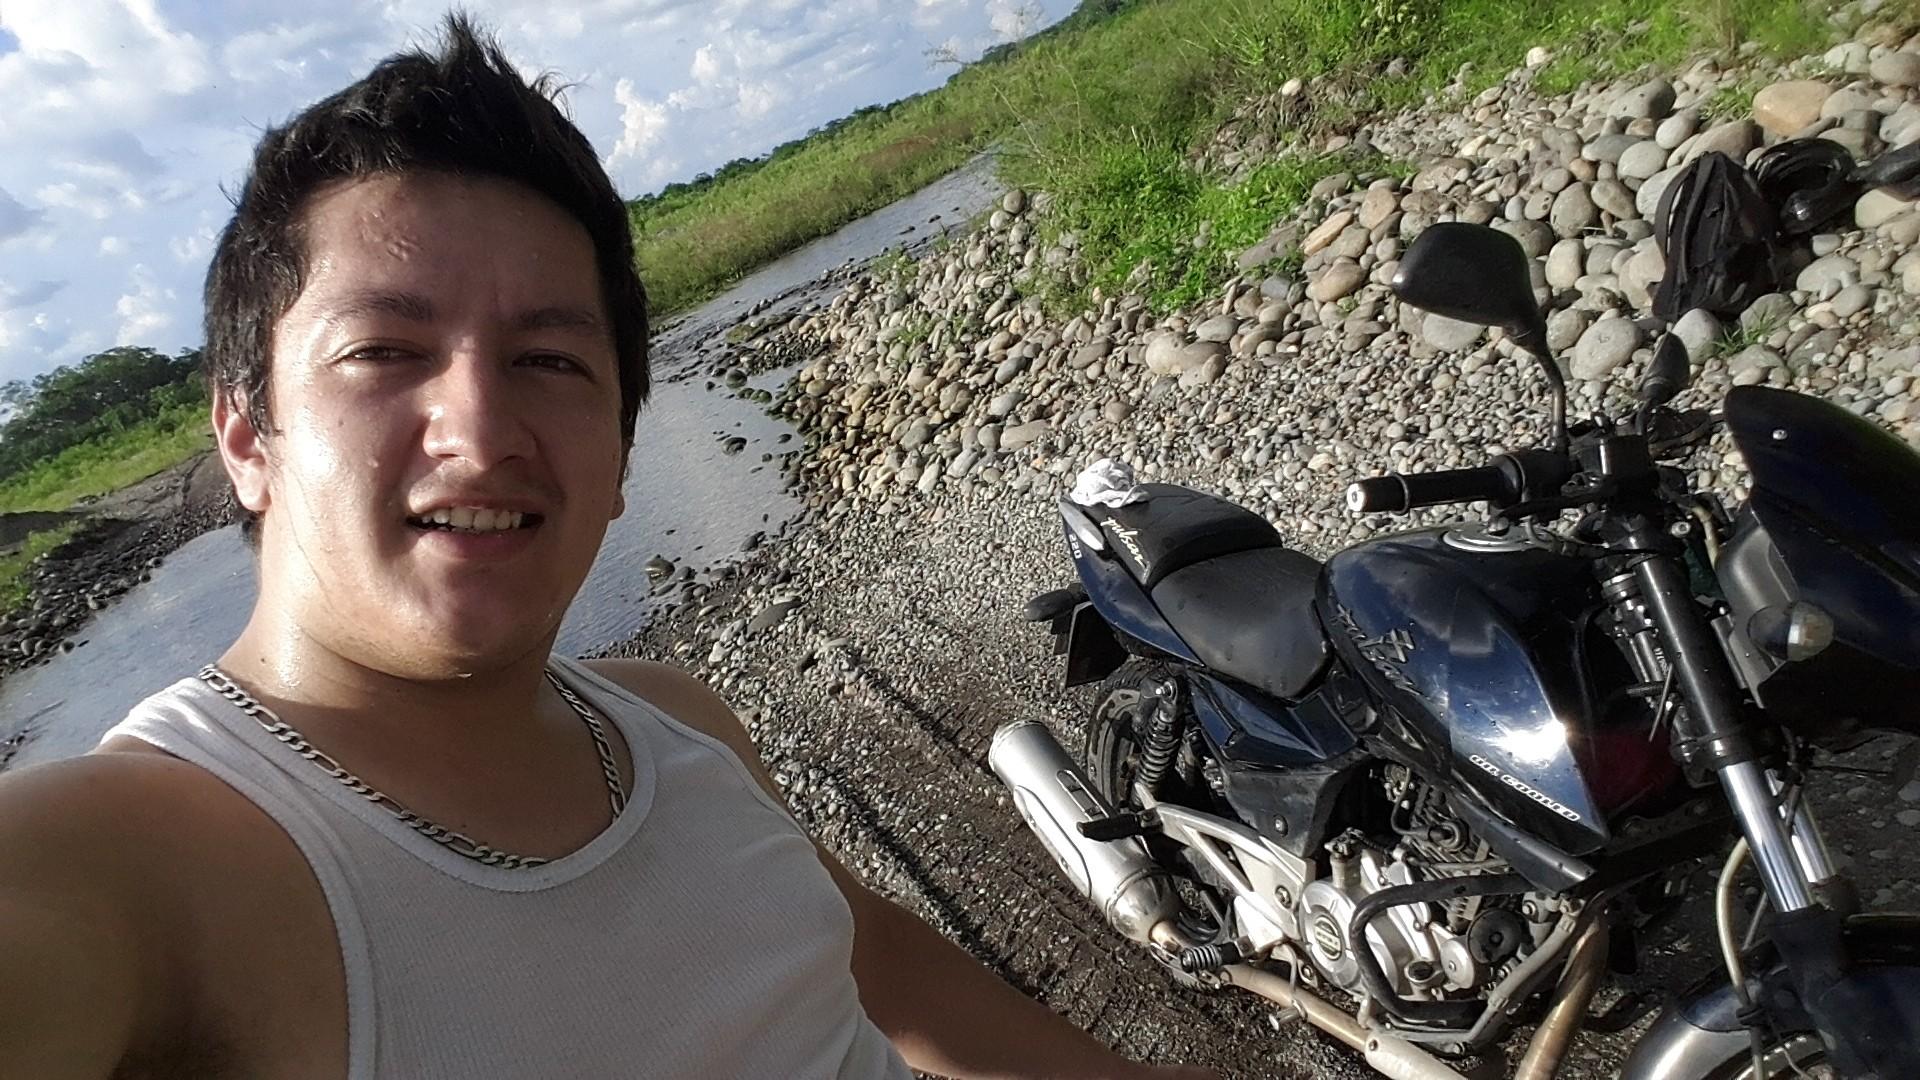 Mi moto, la más tuca, piedras, asfalto, lastrado, rio, no importa el camino, mi moto no se queda, gracias Dios.